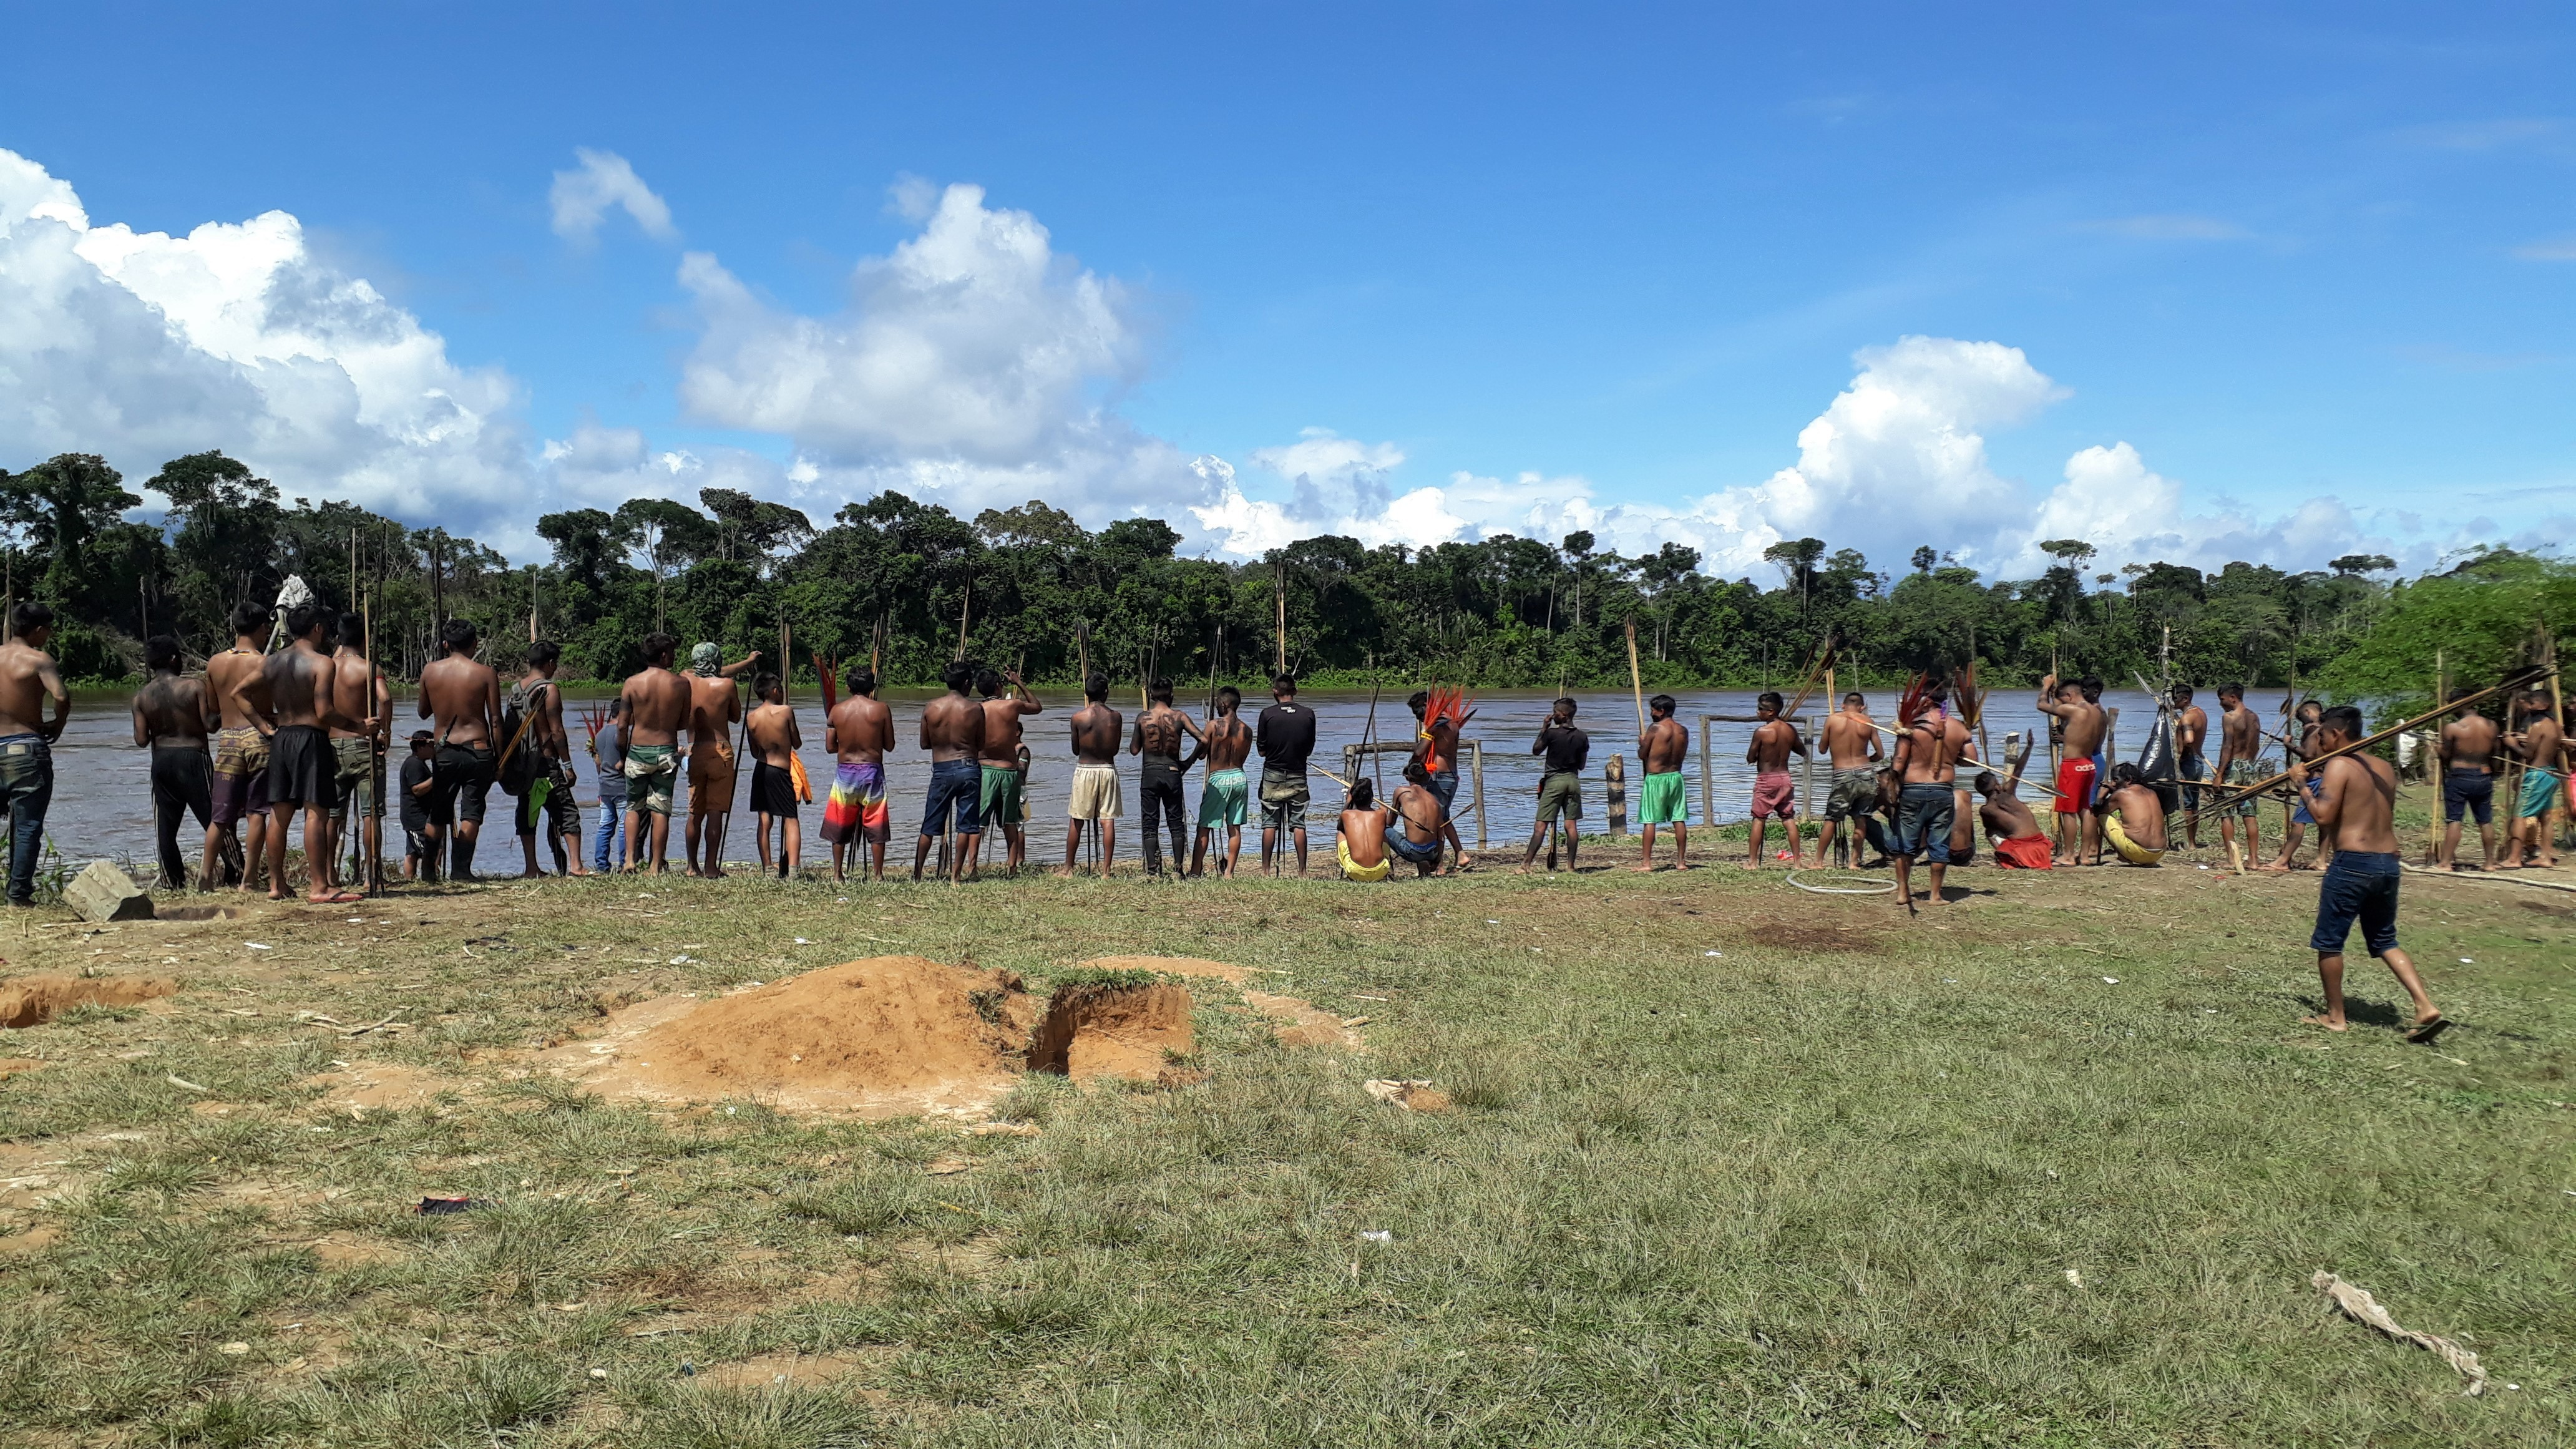 Comunidade alvo de conflitos na Terra Yanomami vive clima de tensão: 'todos os dias estou chorando de medo'